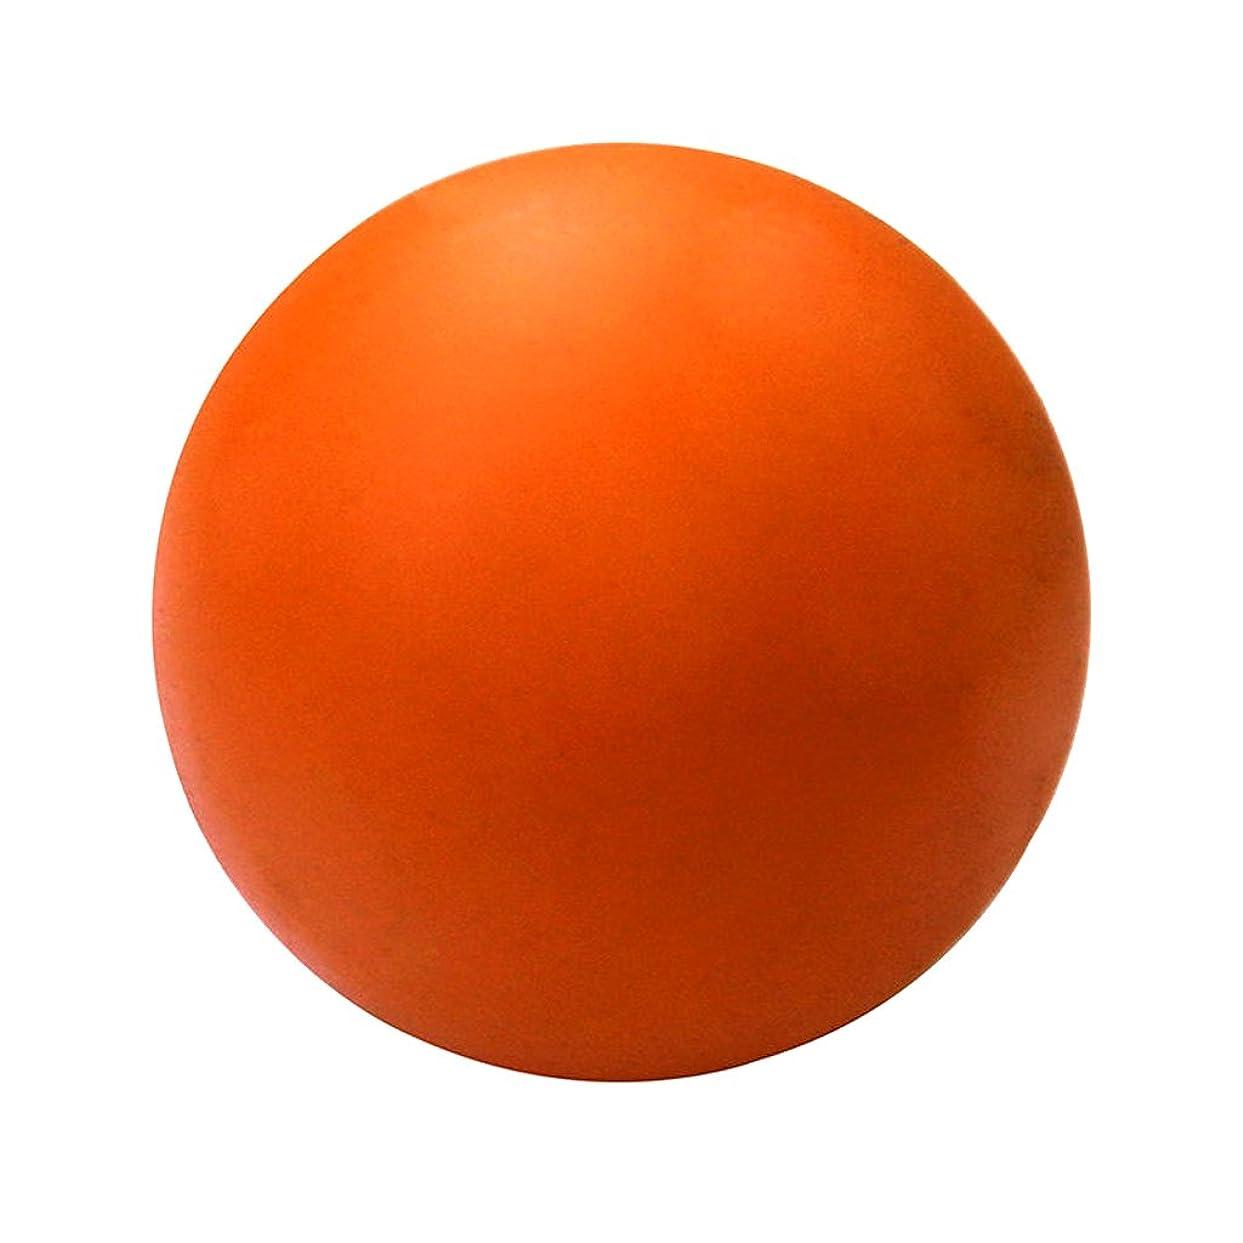 かび臭い現れるバクテリアCUTICATE ラクロスマッサージボール ボディマッサージボール オレンジ 約 2.36インチ